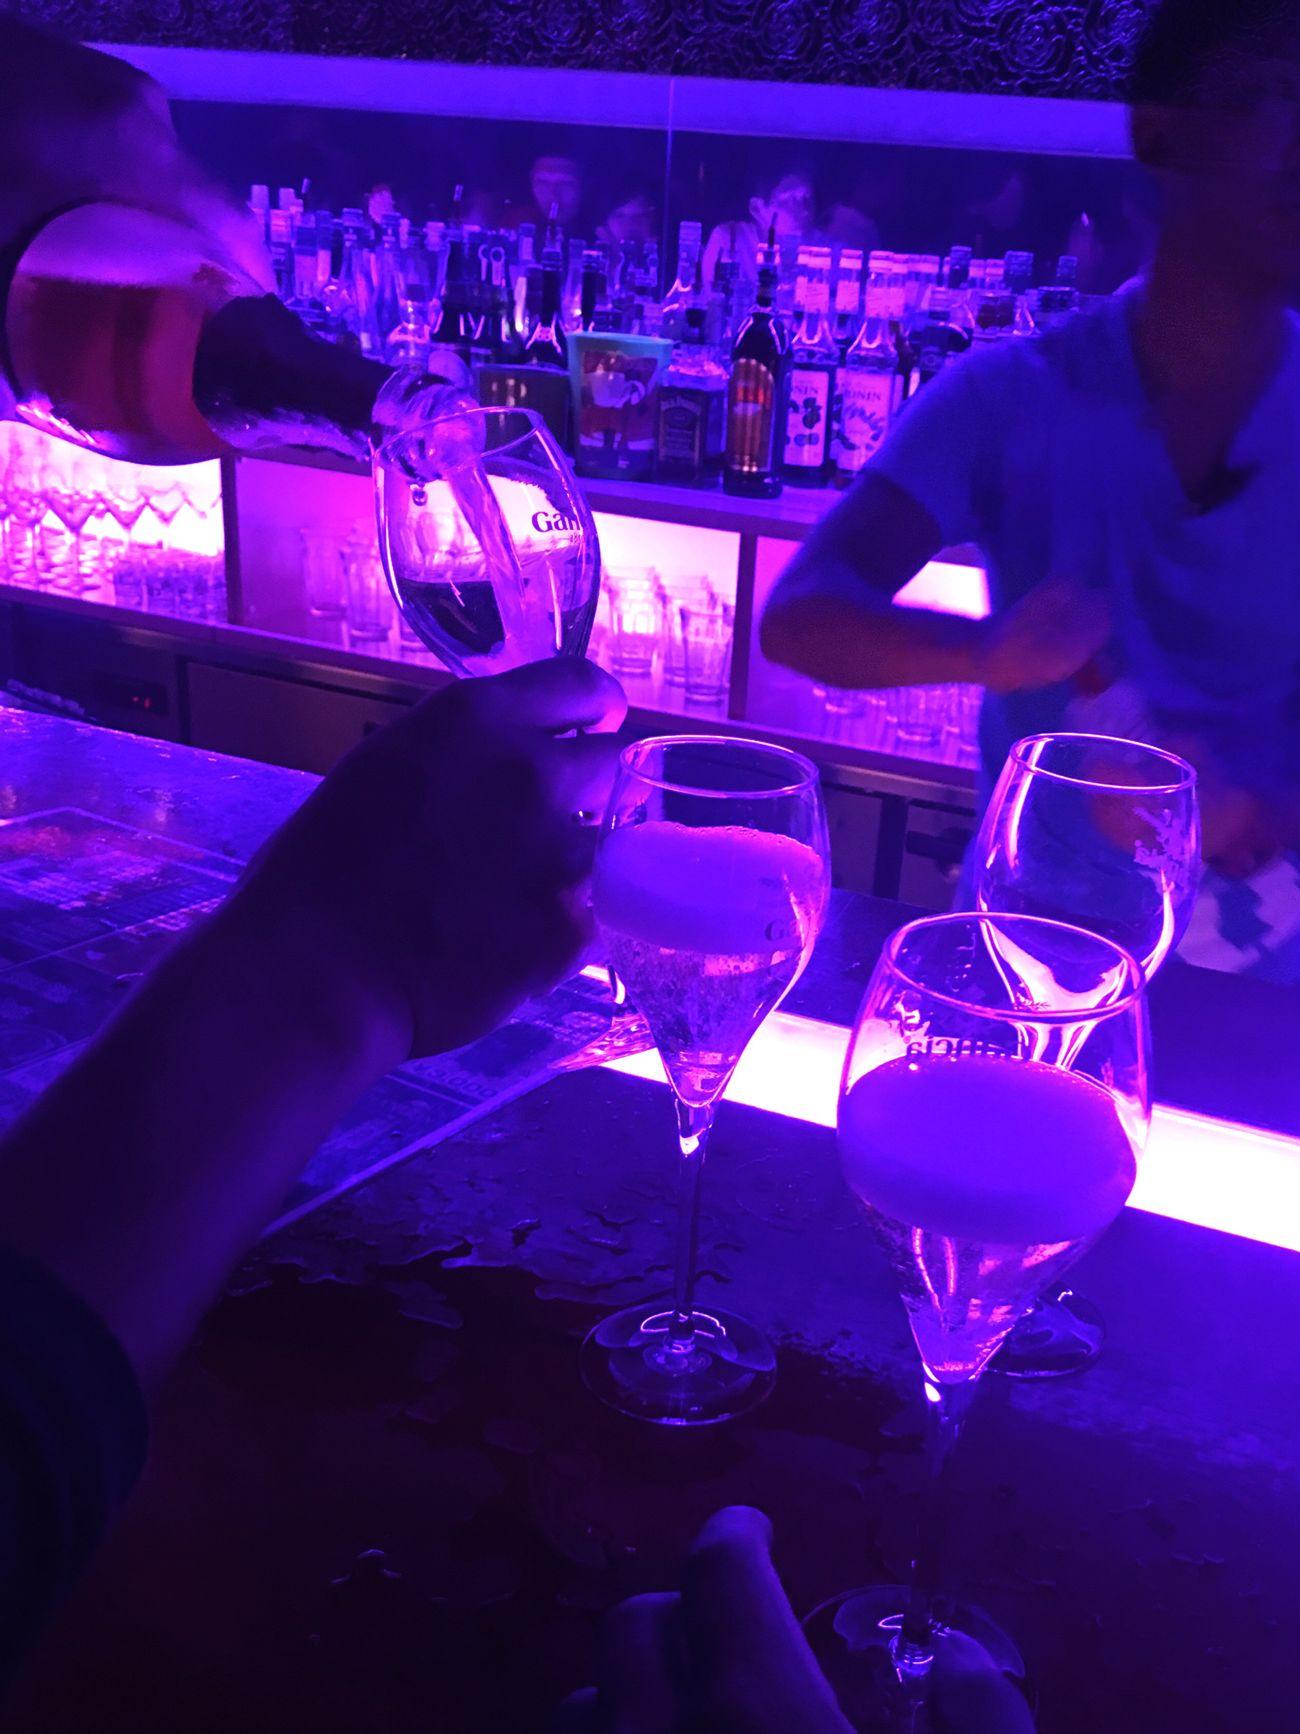 ID Cafe Nightclub Club Nagoya Aichi Japan 名古屋 栄 住吉 錦 クラブ Fun Champagne RedBull Bar Club Night 去年の夏 Edm HipHop